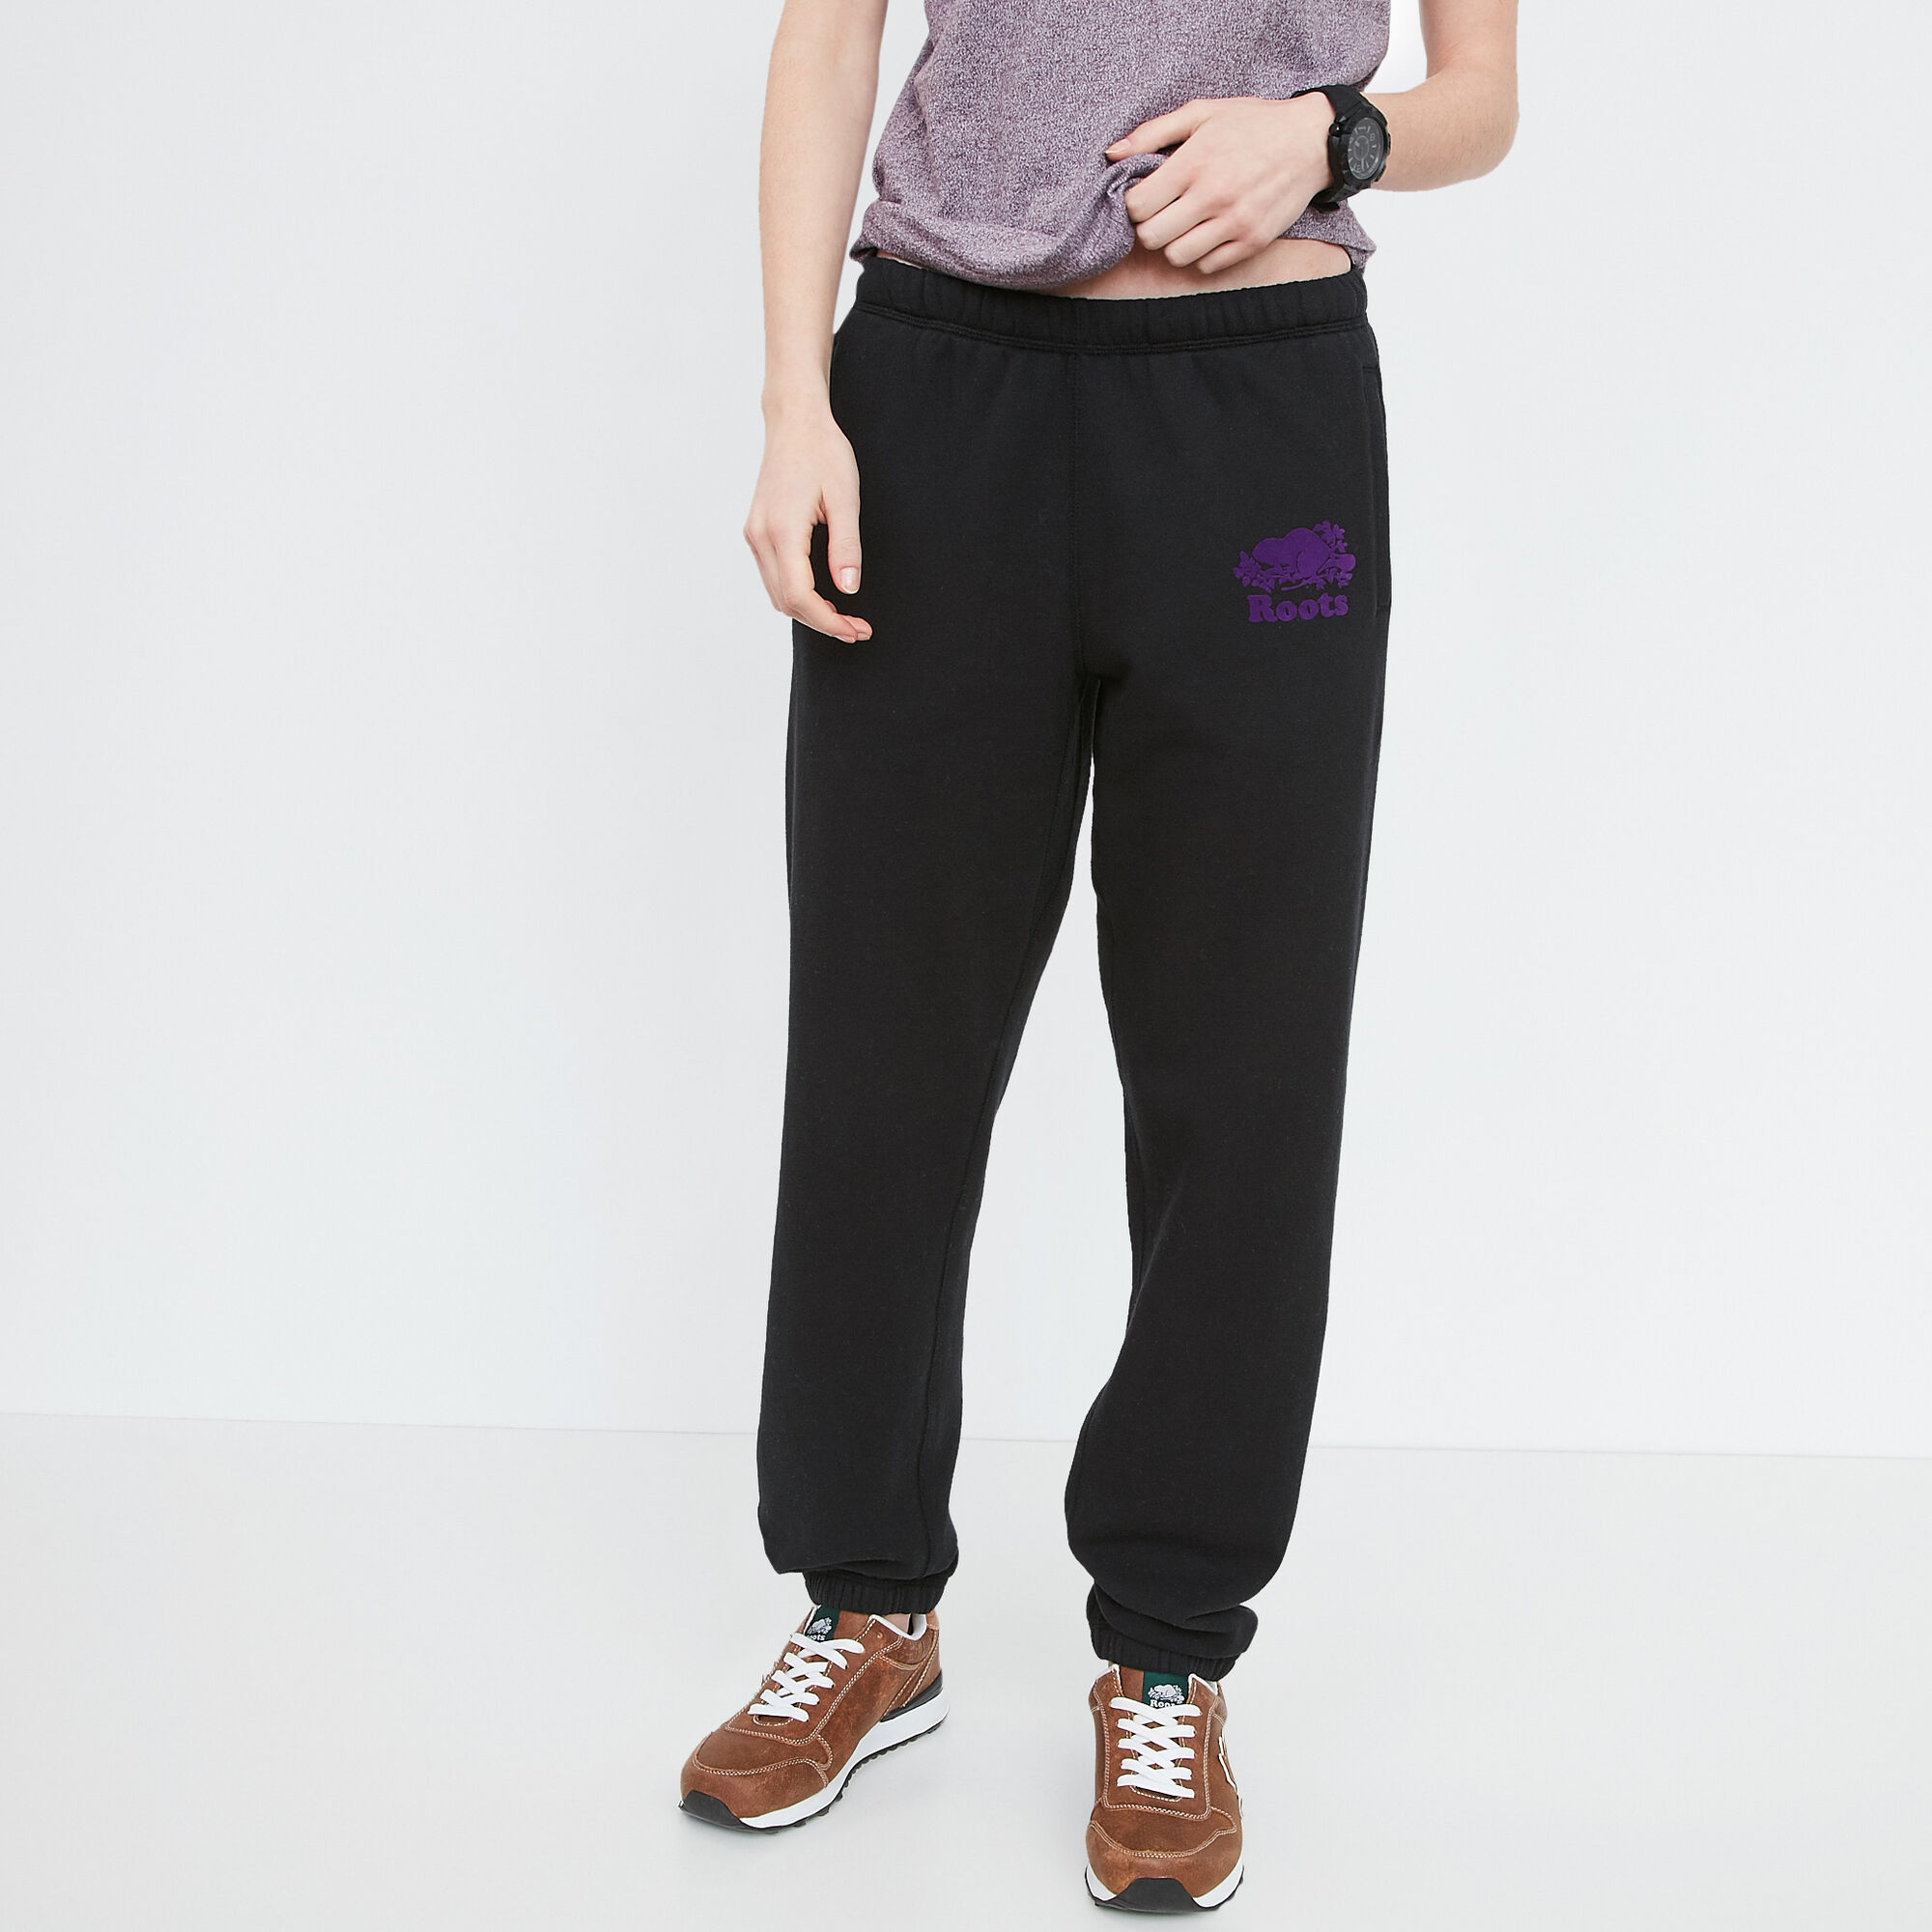 Pantalon Coton Ouaté Roots